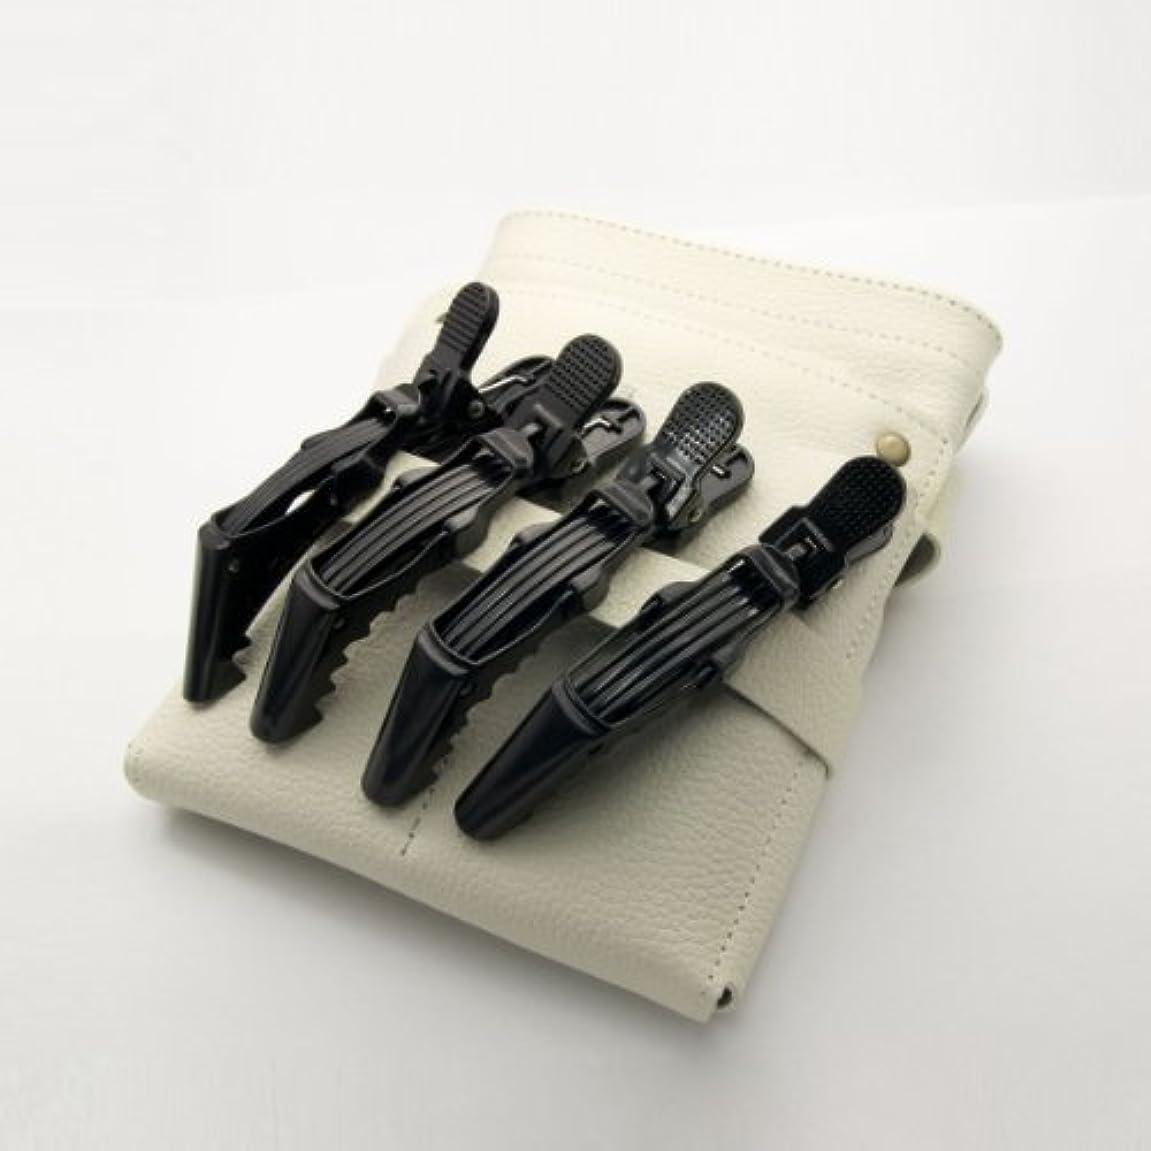 つかの間不透明なメロドラマティックDEEDS C-0010 プロ用 ワニクリップ ブラック 美容 クリップピン 黒 ヘアクリップ 美容小物